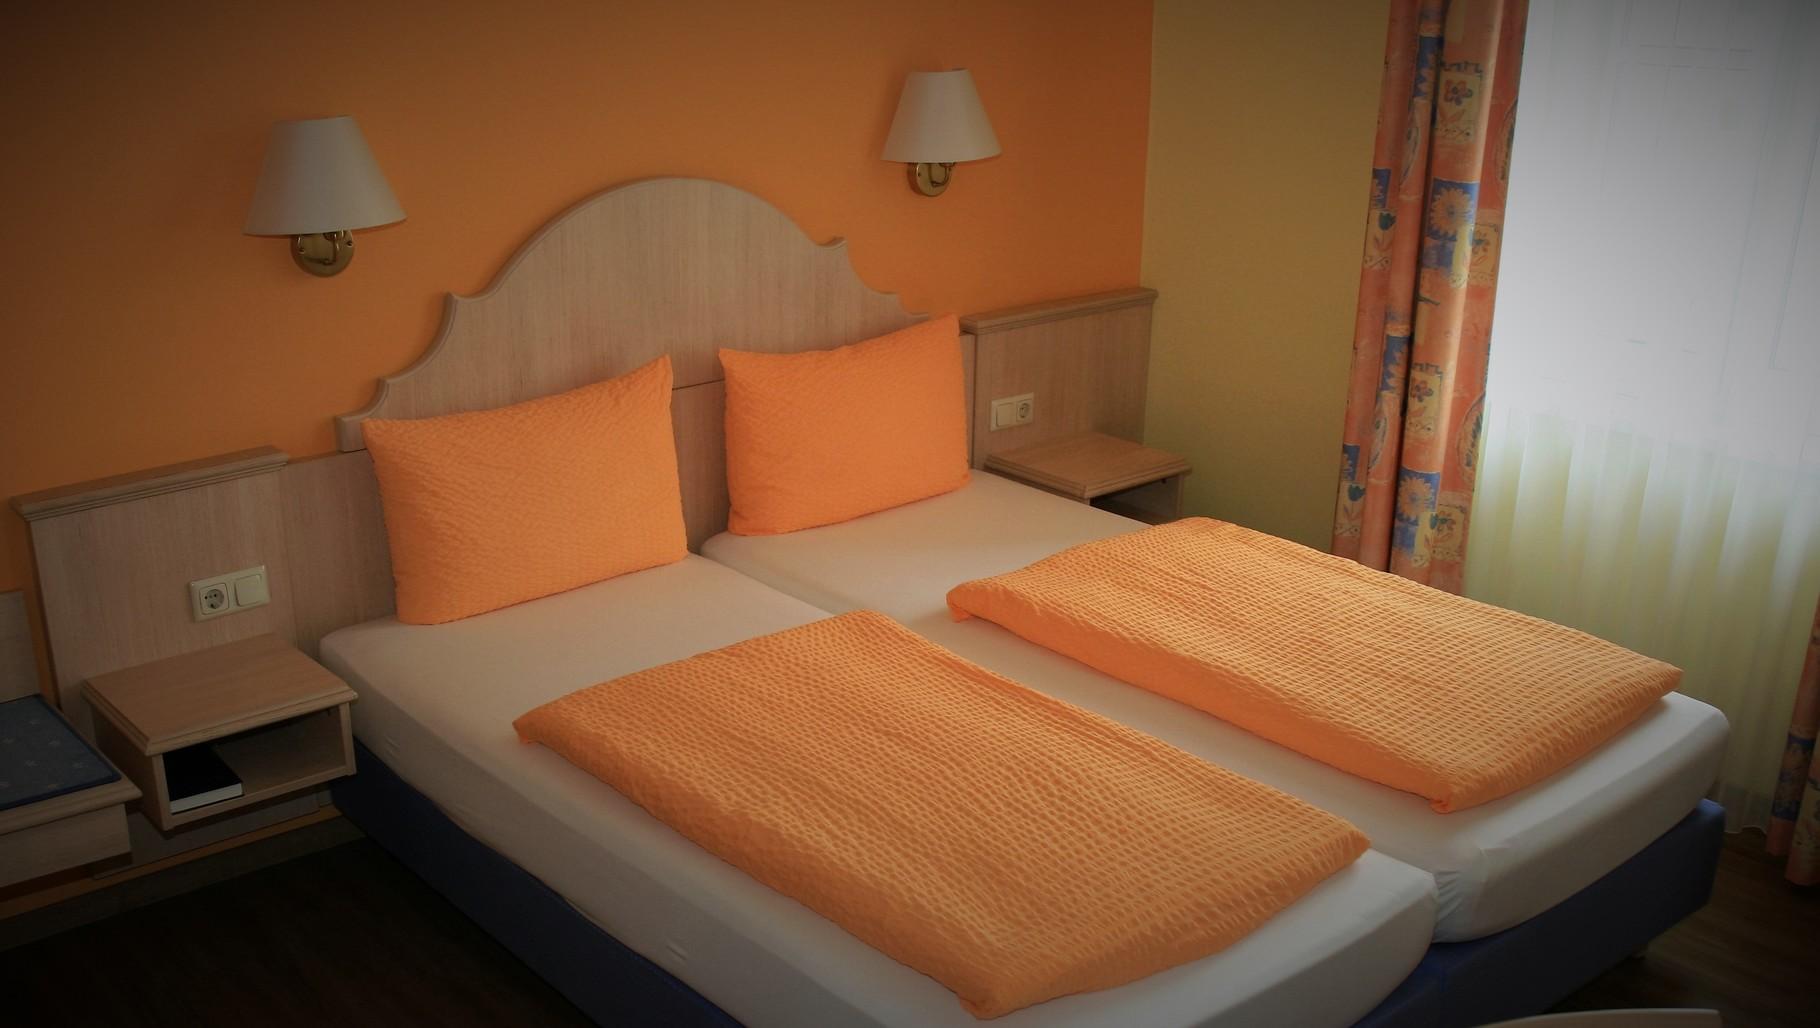 Hotel hotelgasthof krones webseite for Hotel krone gunzenhausen